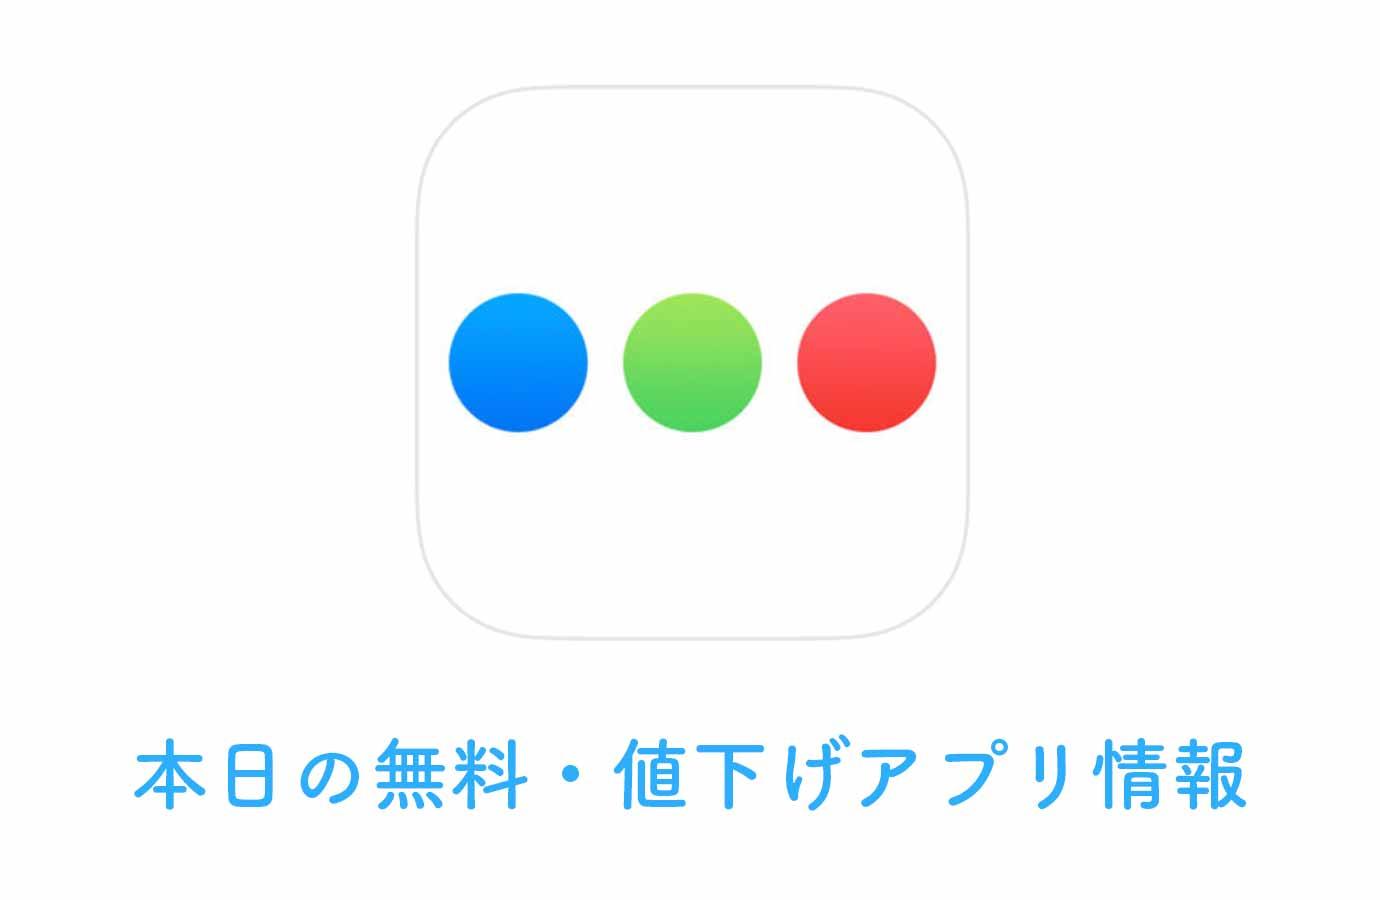 120円→無料、通知センターからアクセスできるランチャーアプリ「Launcher Pro」など【6/15】本日の無料・値下げアプリ情報